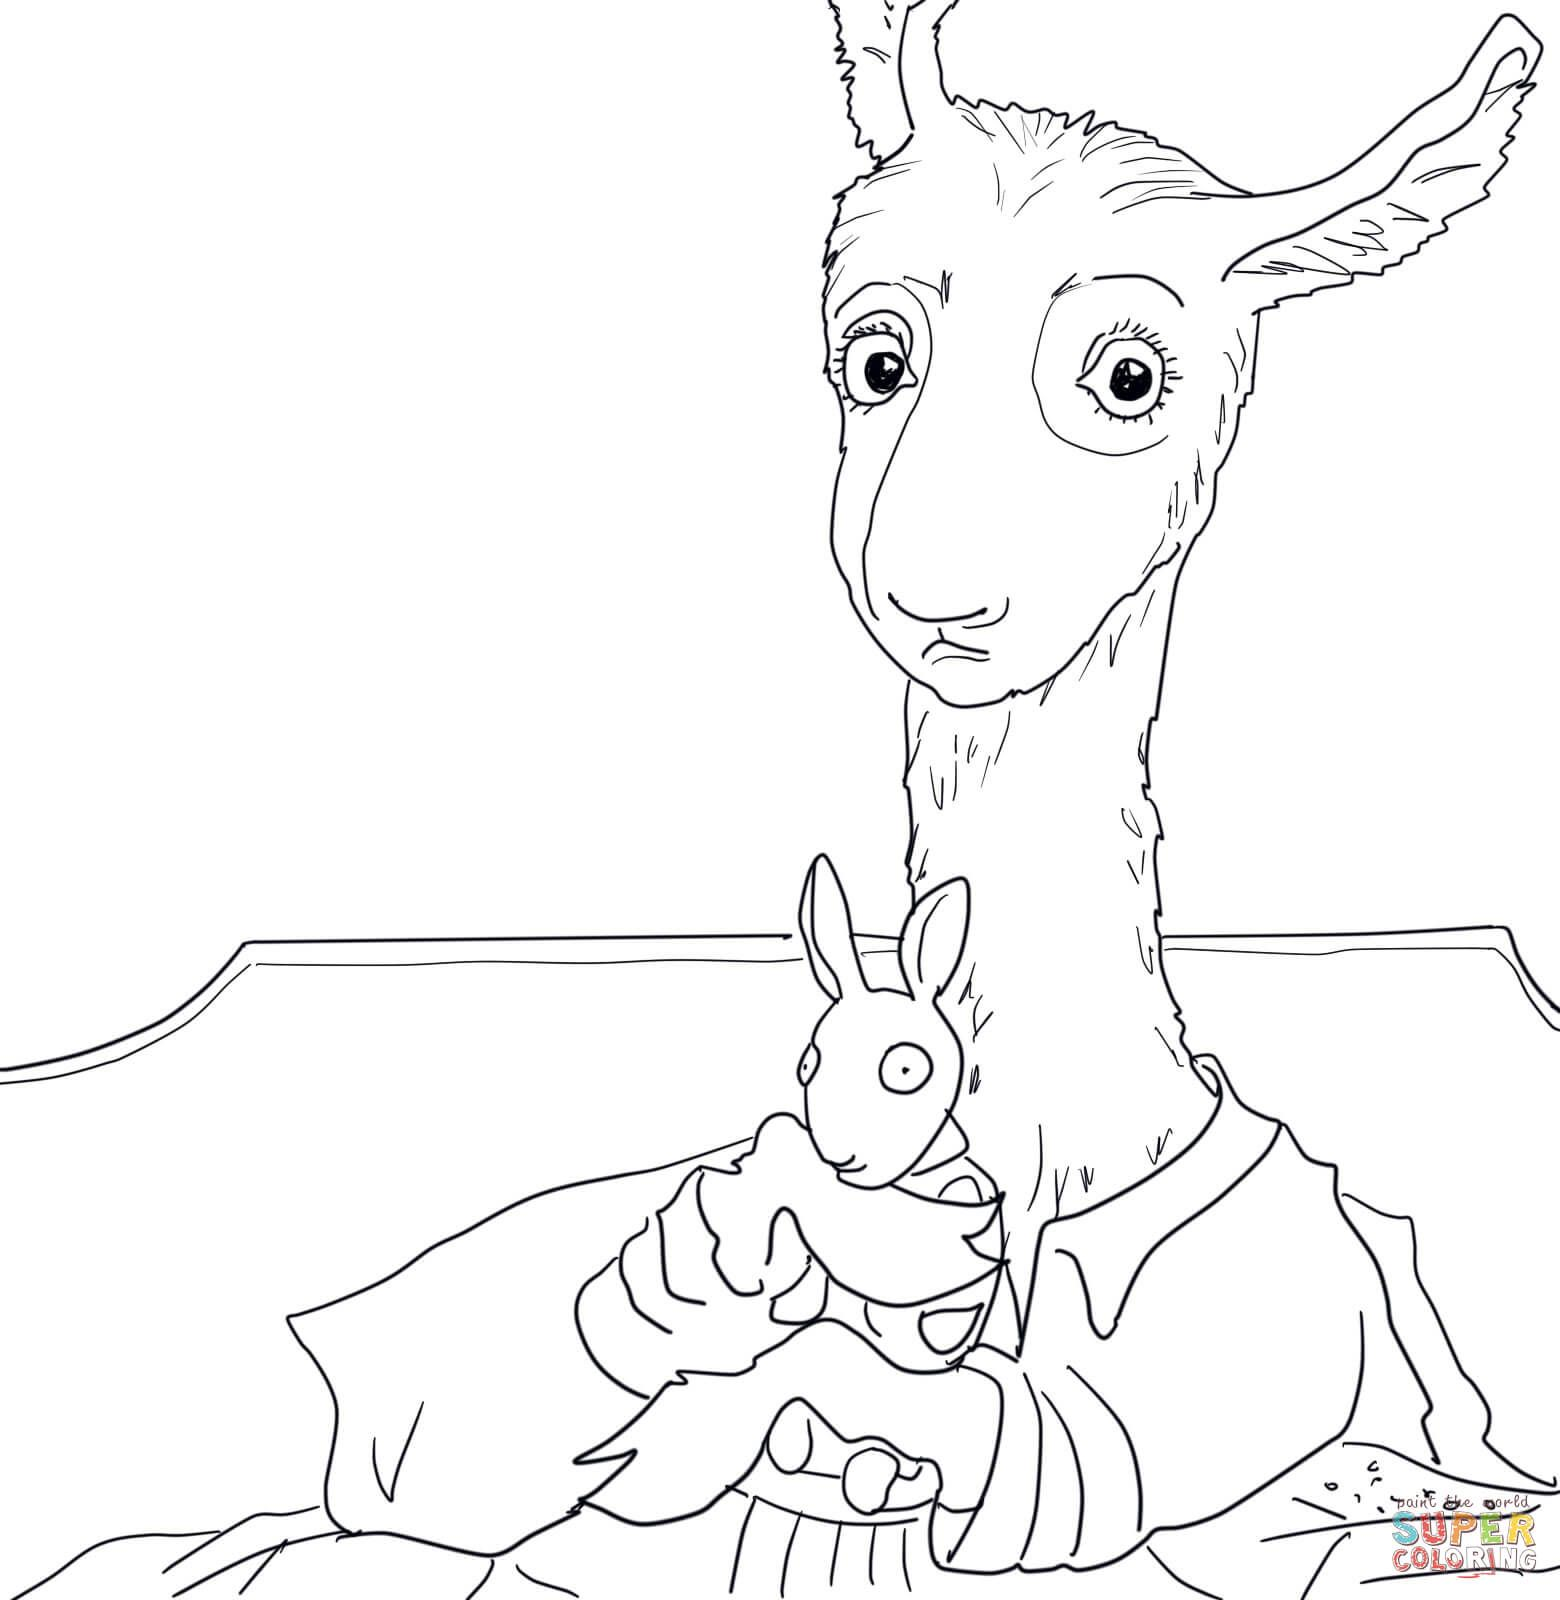 Llama Llama Red Pajama Coloring Page From Llama Llama